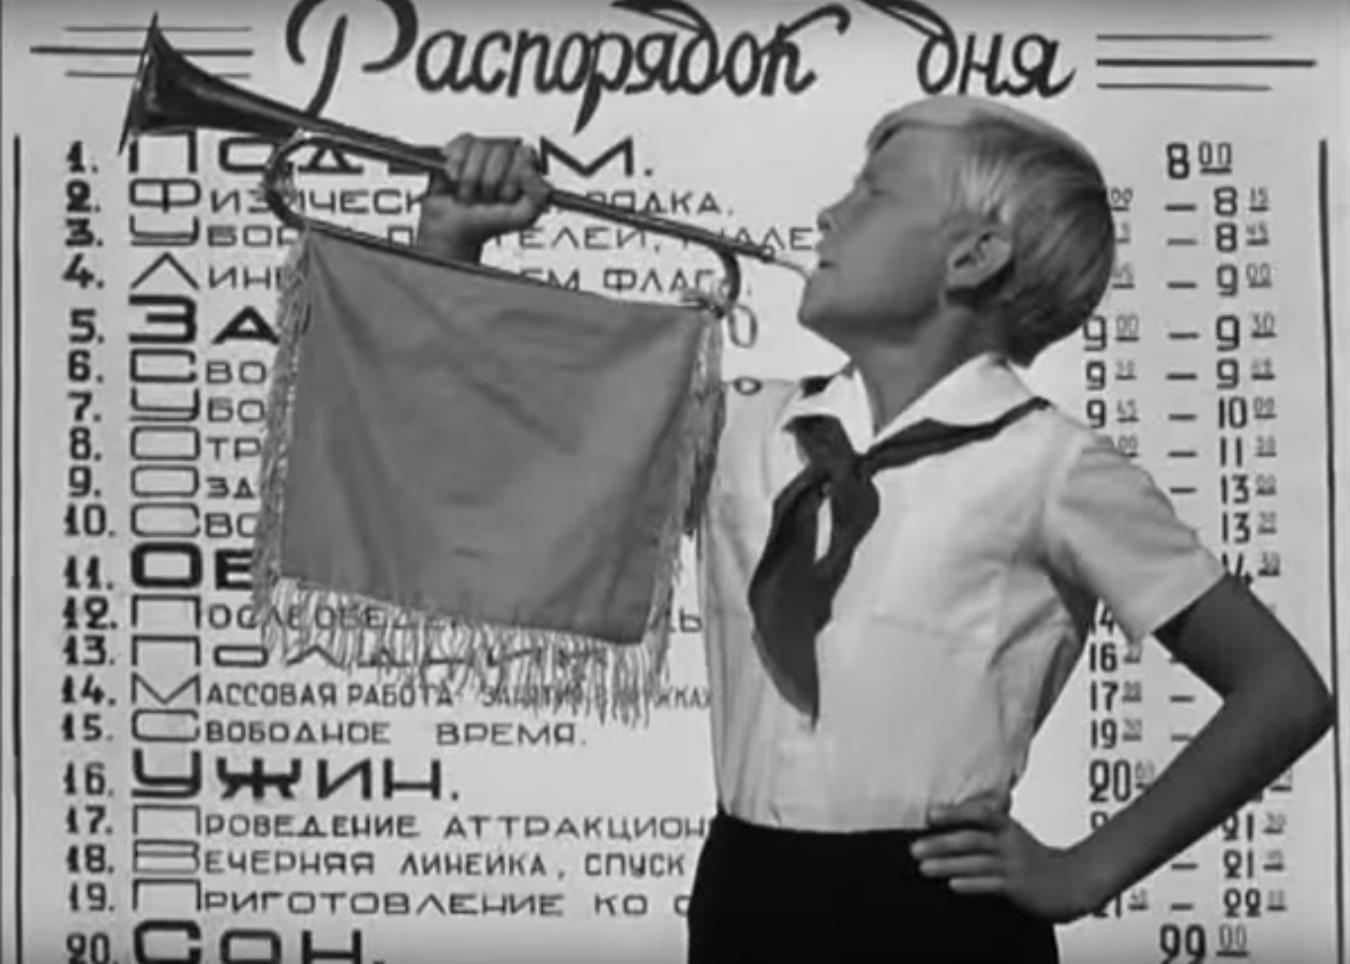 Каждый шаг юного советского гражданина был досконально продуман взрослыми дядями и тетями из отделов народного образования.